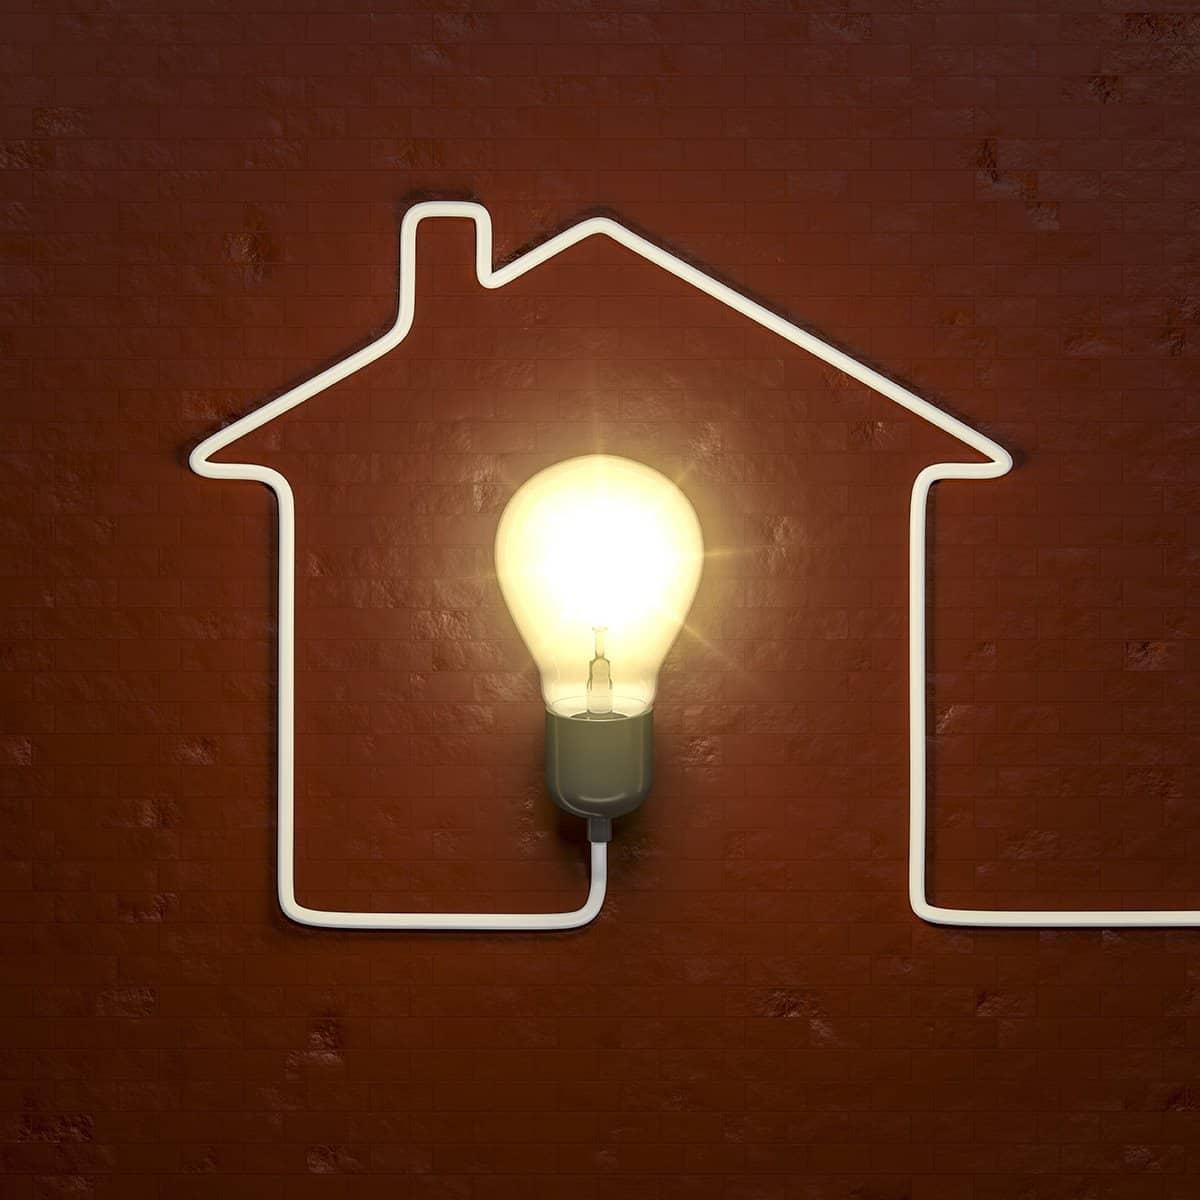 Oświetlenie w domu: jakie pasuje do salonu, kuchni, łazienki i pokoju?